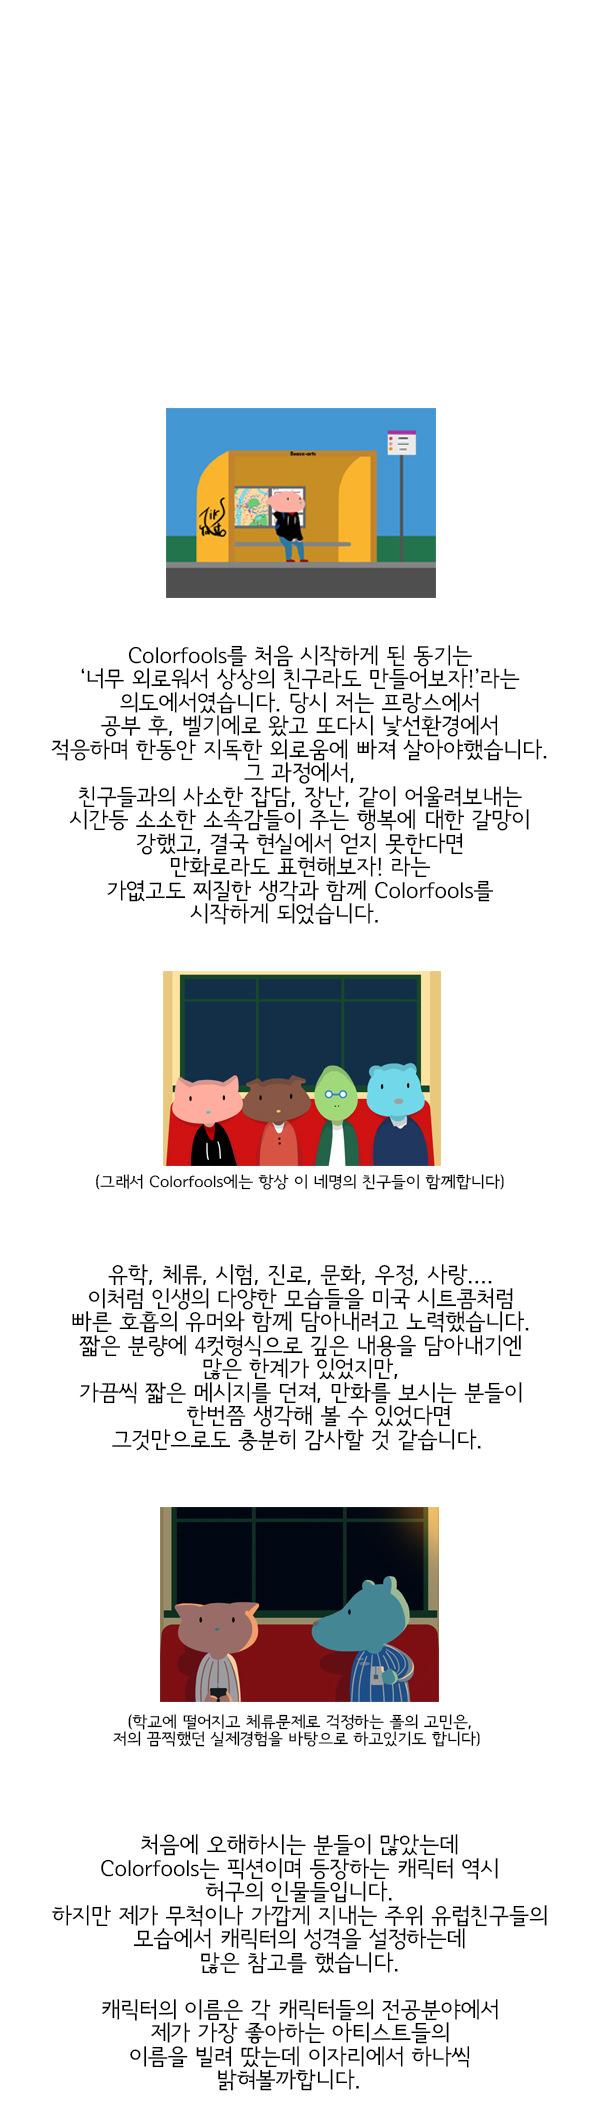 Colorfools 휴재 안내 3/13